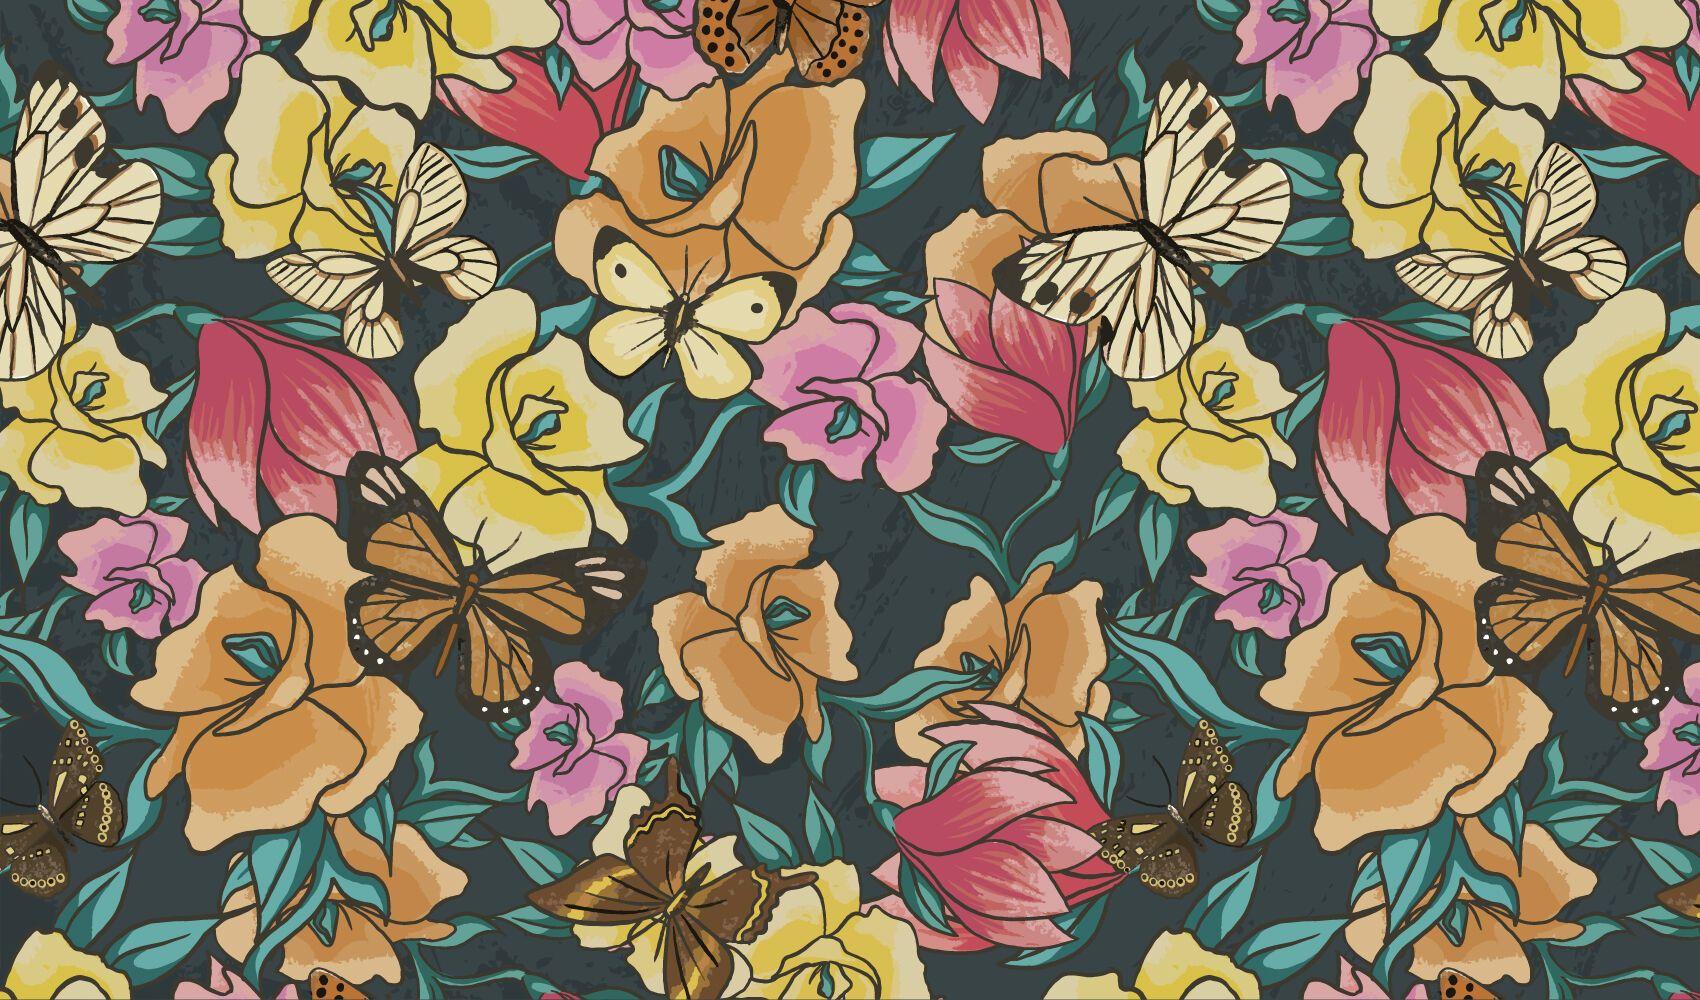 Diseño de patrón de jardín de flores de mariposa